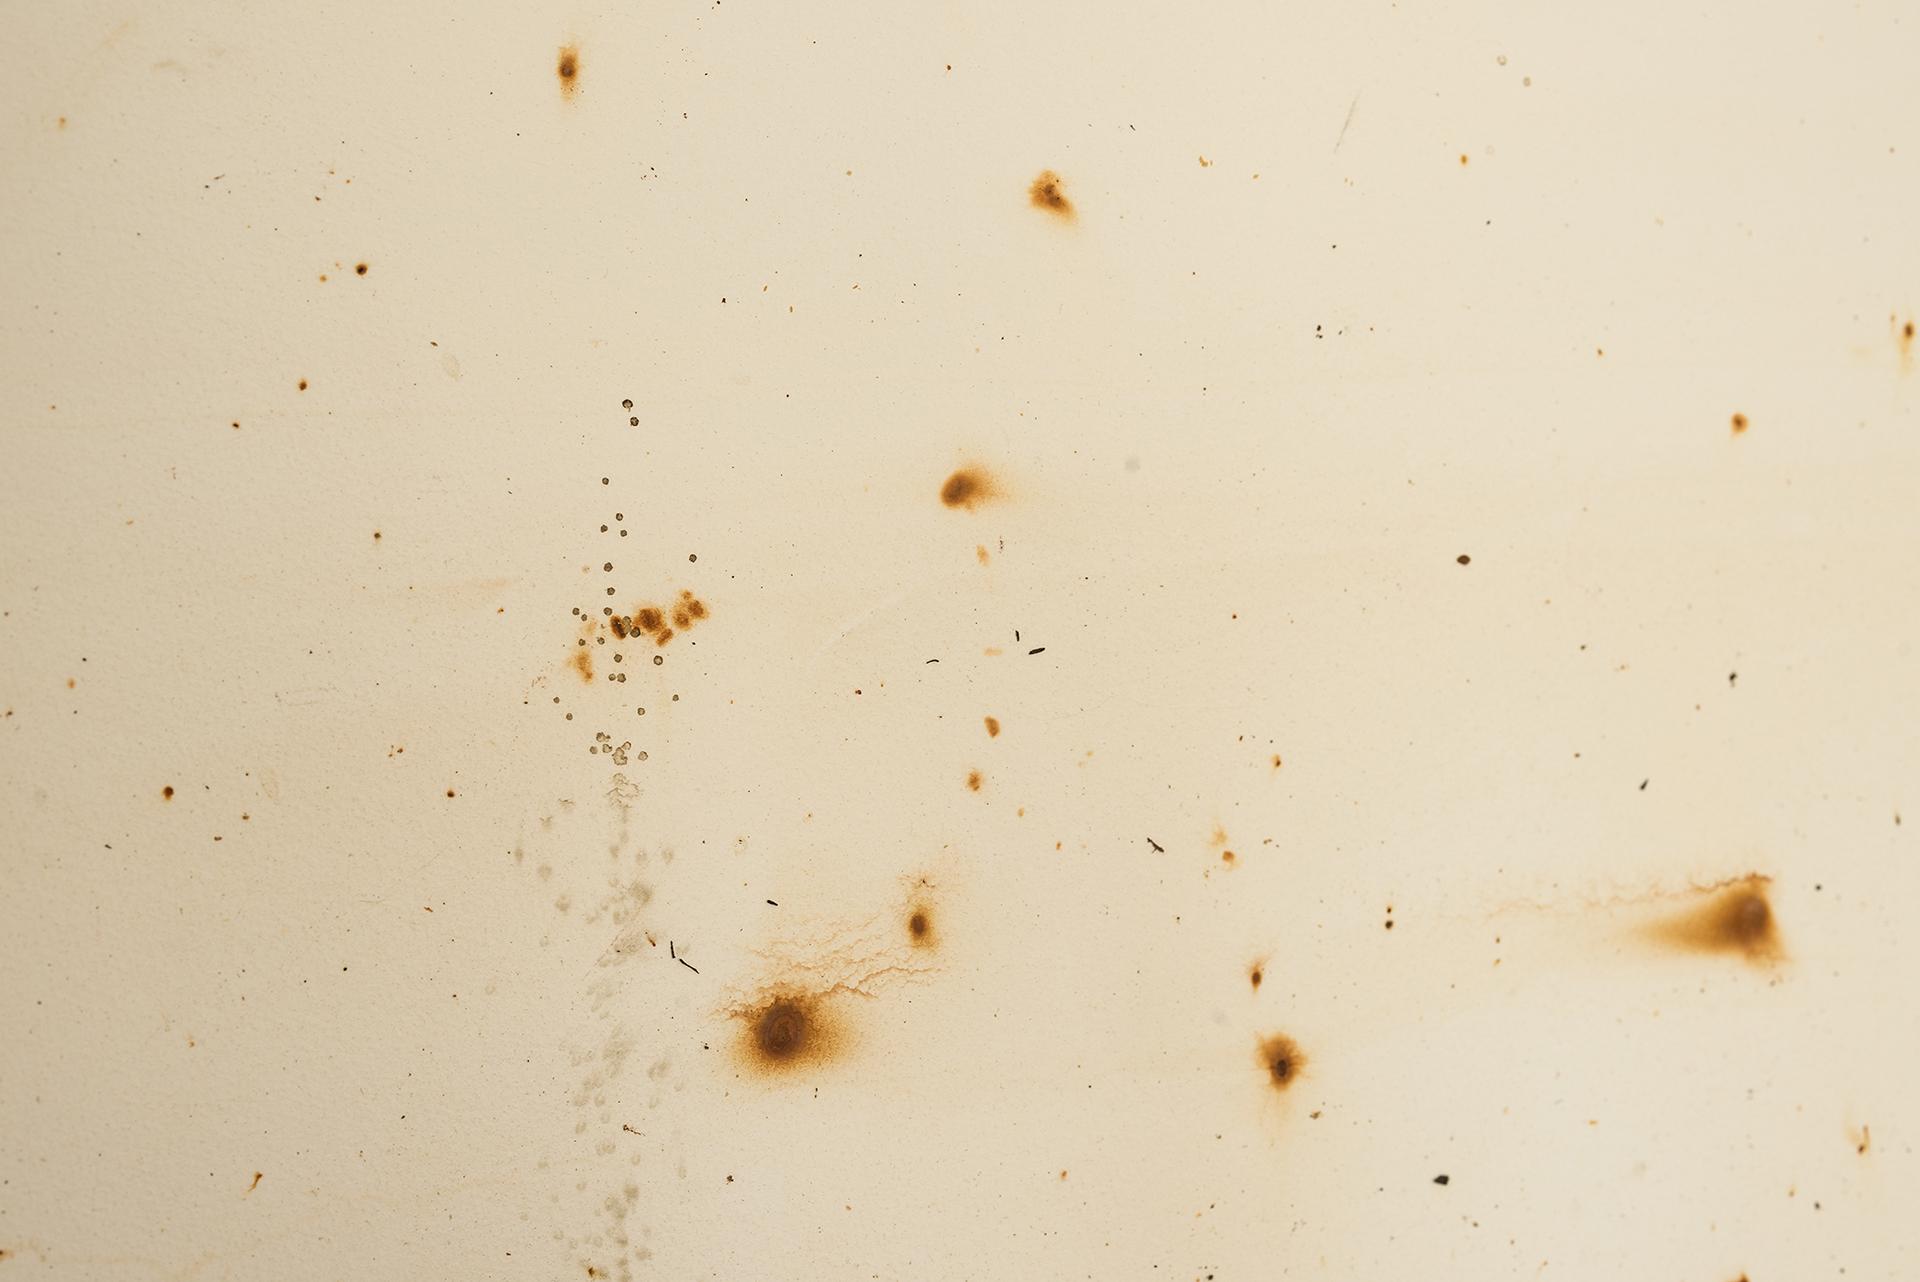 Detail, Hydrograph #7